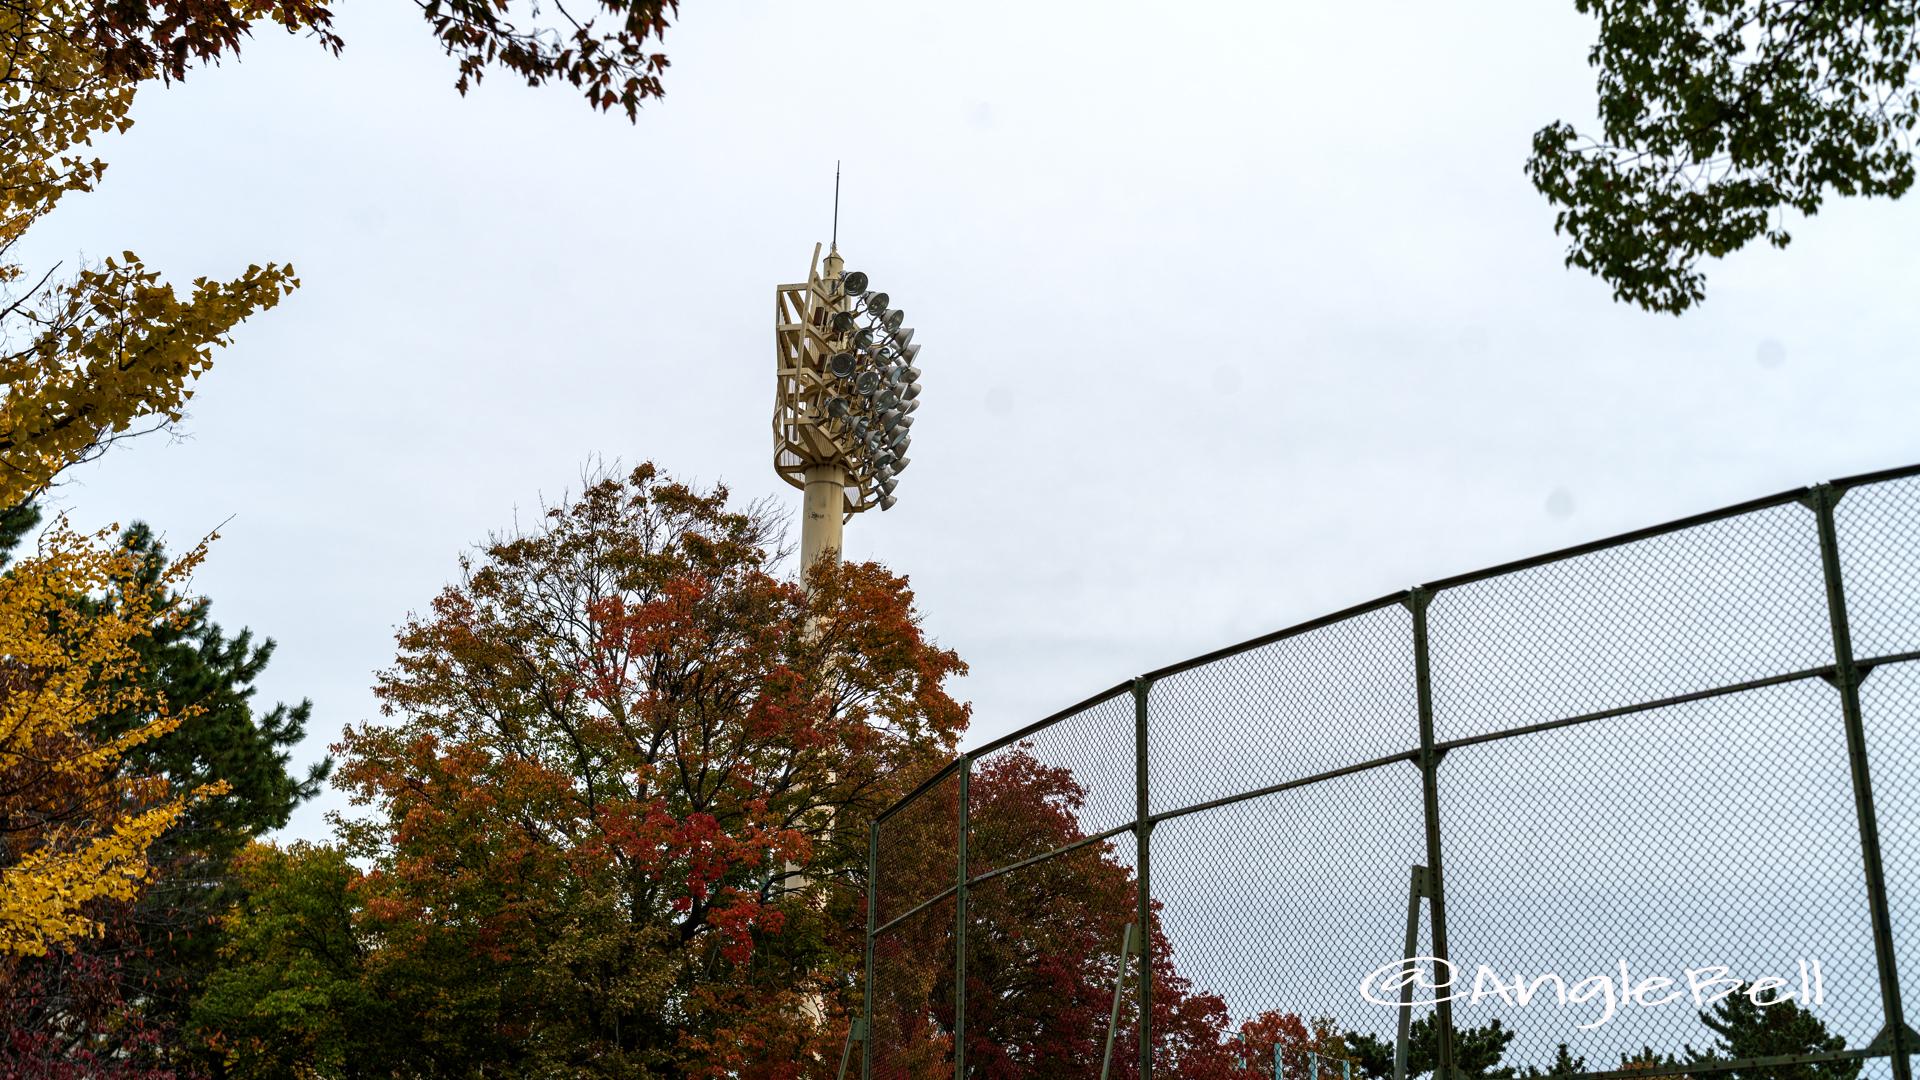 紅葉 鶴舞公園 野球場 ナイター照明塔